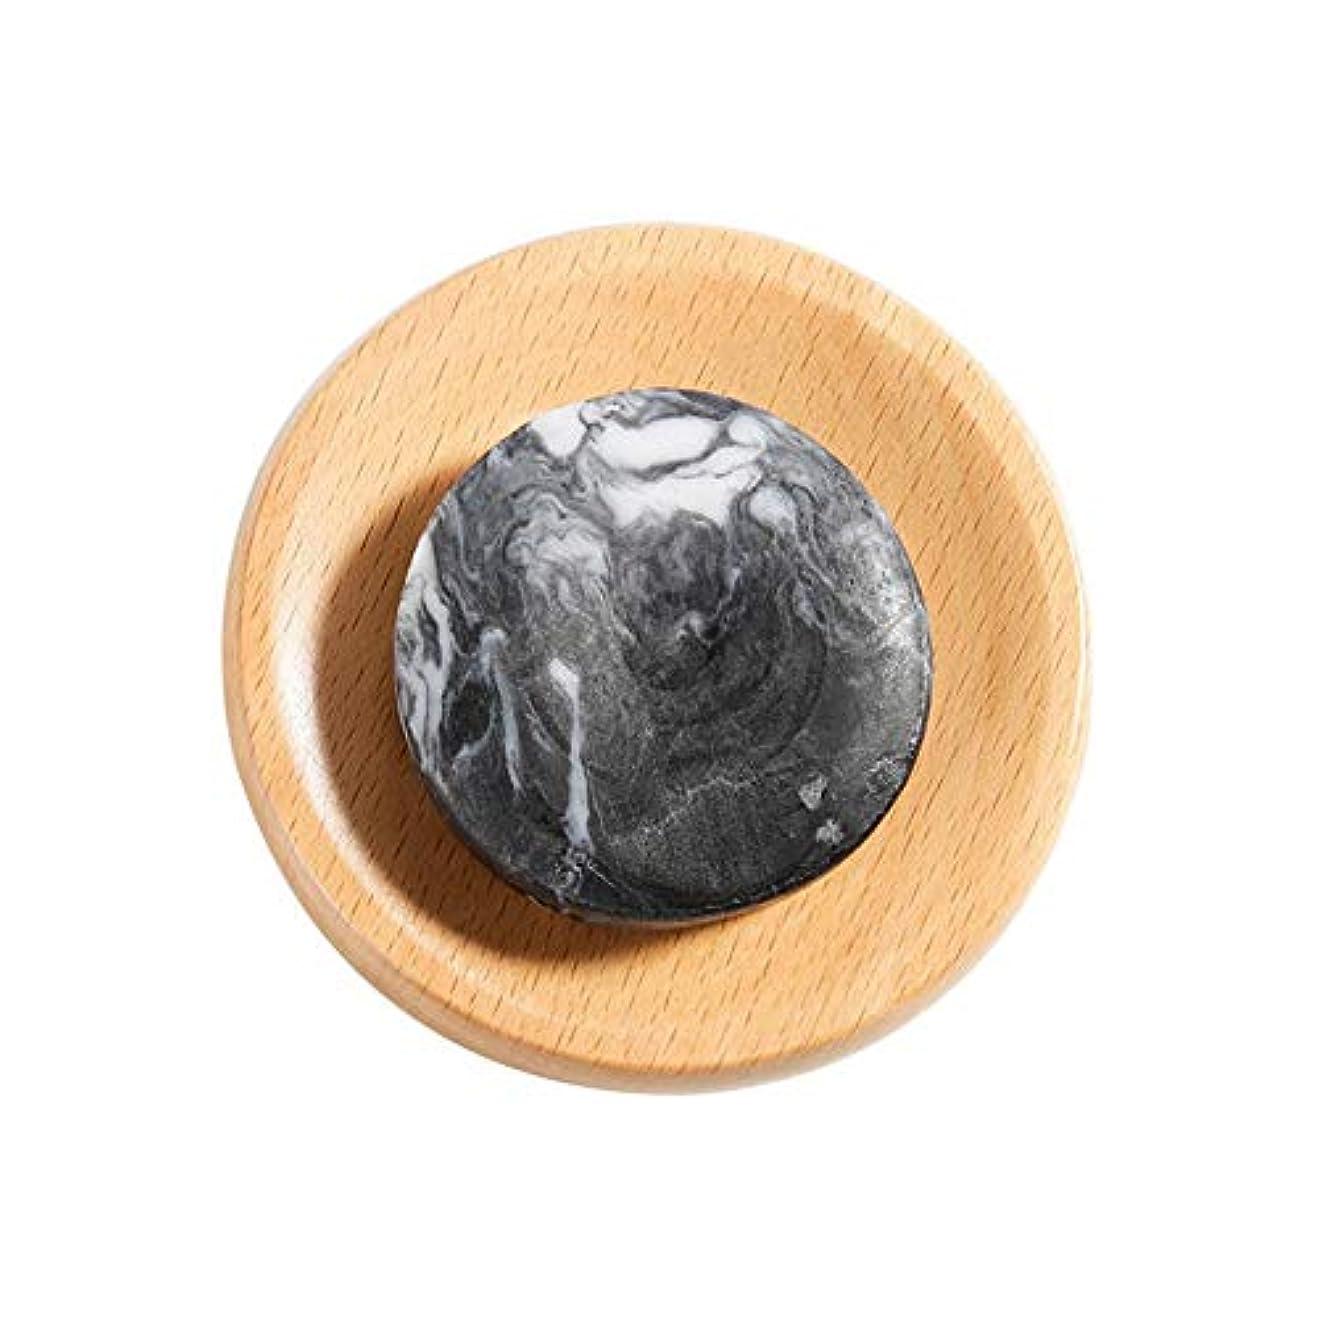 遊具回転させるビタミン火山泥 石鹸 美白 ボディクリア 抗菌 スキンケア 腹ステッカー5枚付き hjuns-Wu